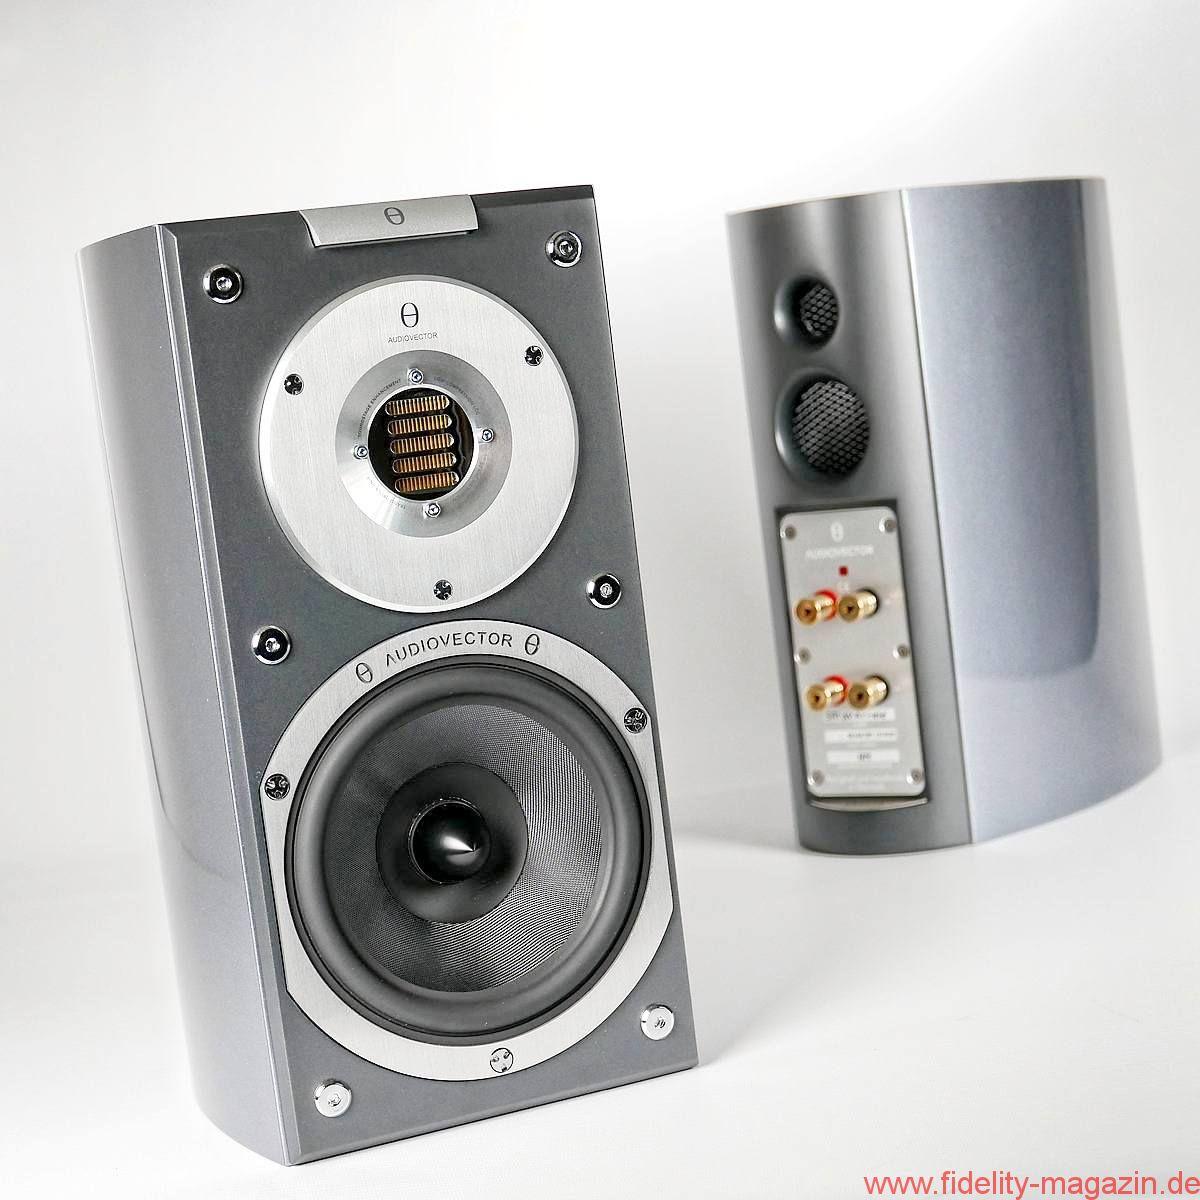 audiovector sr1 avantgarde arrete 22 fidelity online. Black Bedroom Furniture Sets. Home Design Ideas